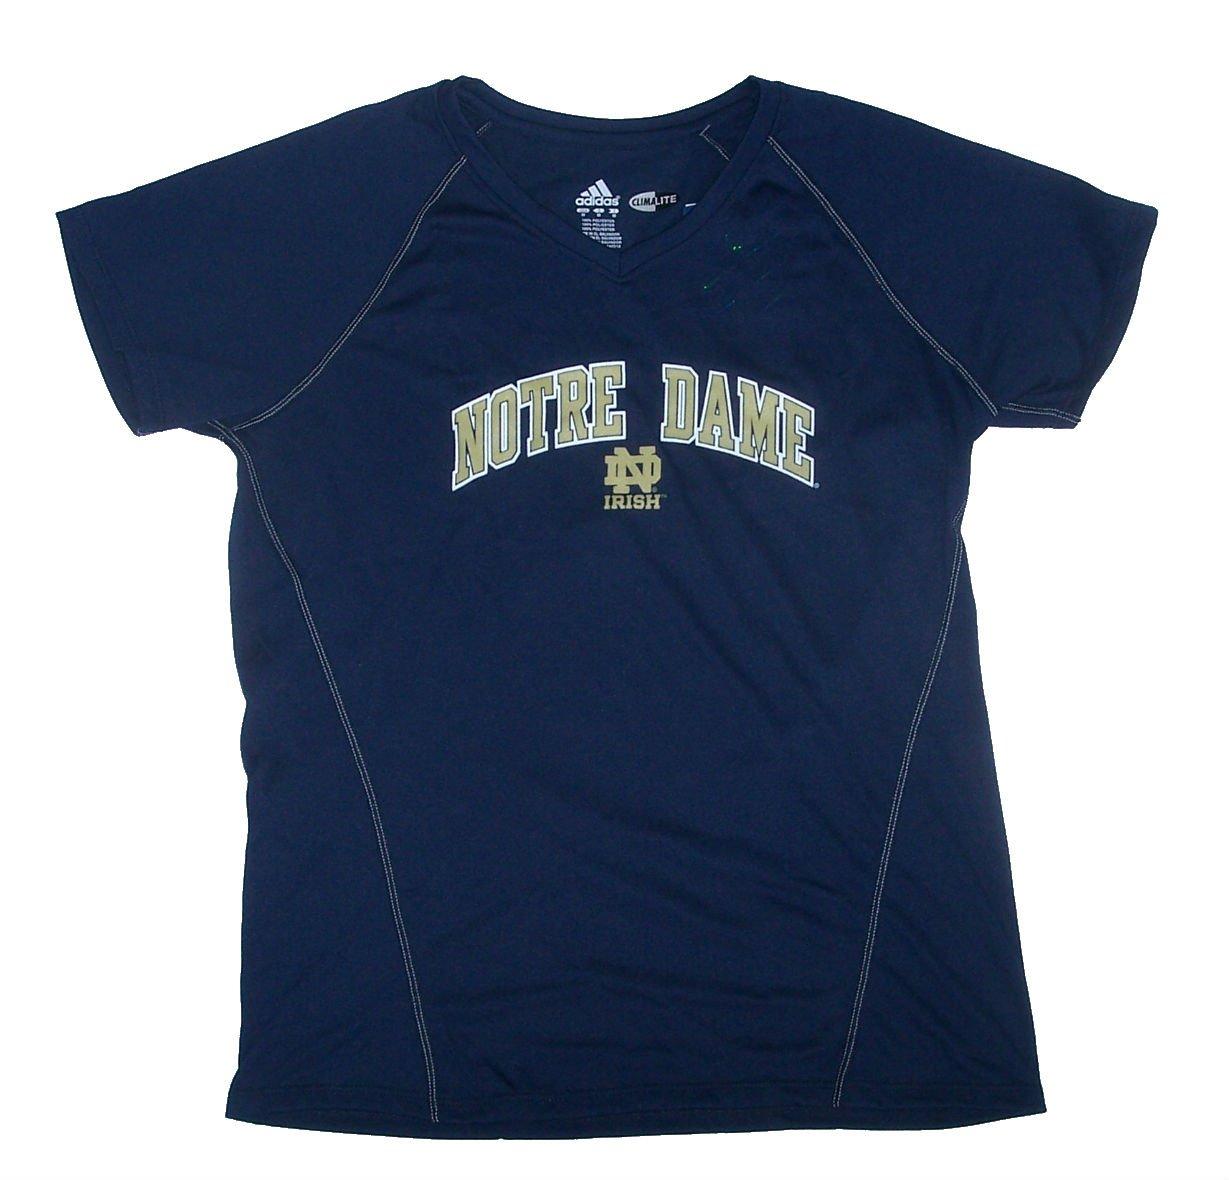 【国内即発送】 Adidas Dame Notre Dame Adidas Fighting IrishレディースLargeパフォーマンスVネックキャップスリーブシャツ – – ネイビーブルー&ゴールド B01134JY3U, 人形とベビー用品の桜うさぎ:49e23e10 --- a0267596.xsph.ru